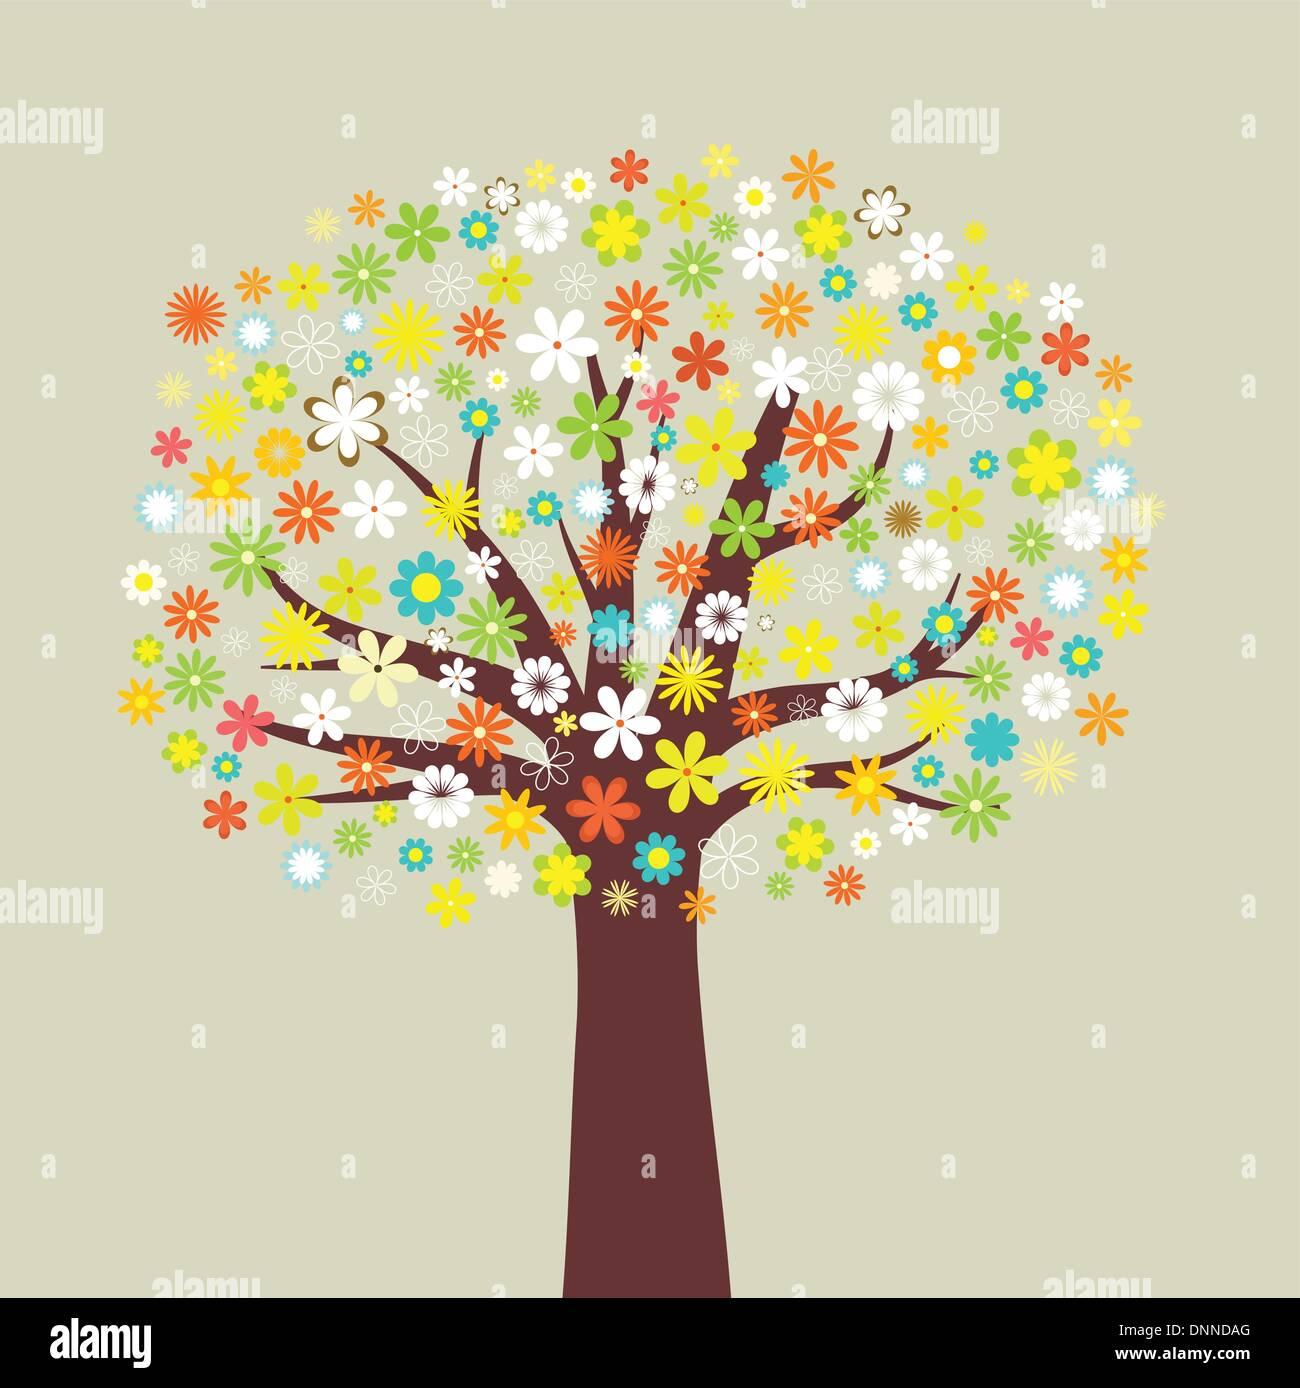 Ilustración de un árbol de muchas flores Imagen De Stock